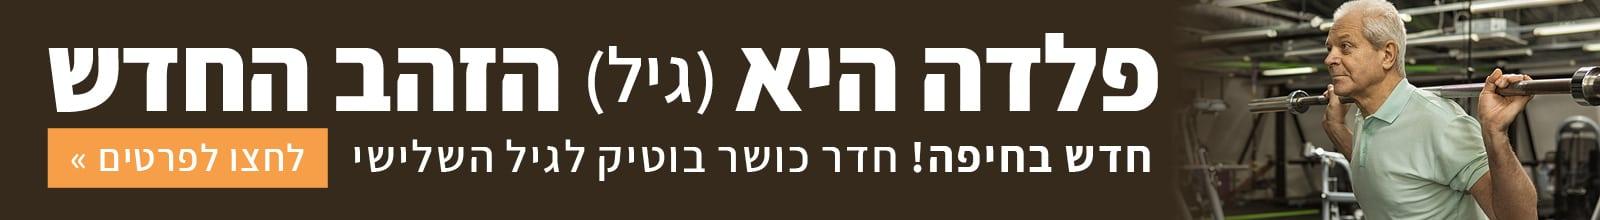 חדר כושר למבוגרים בחיפה